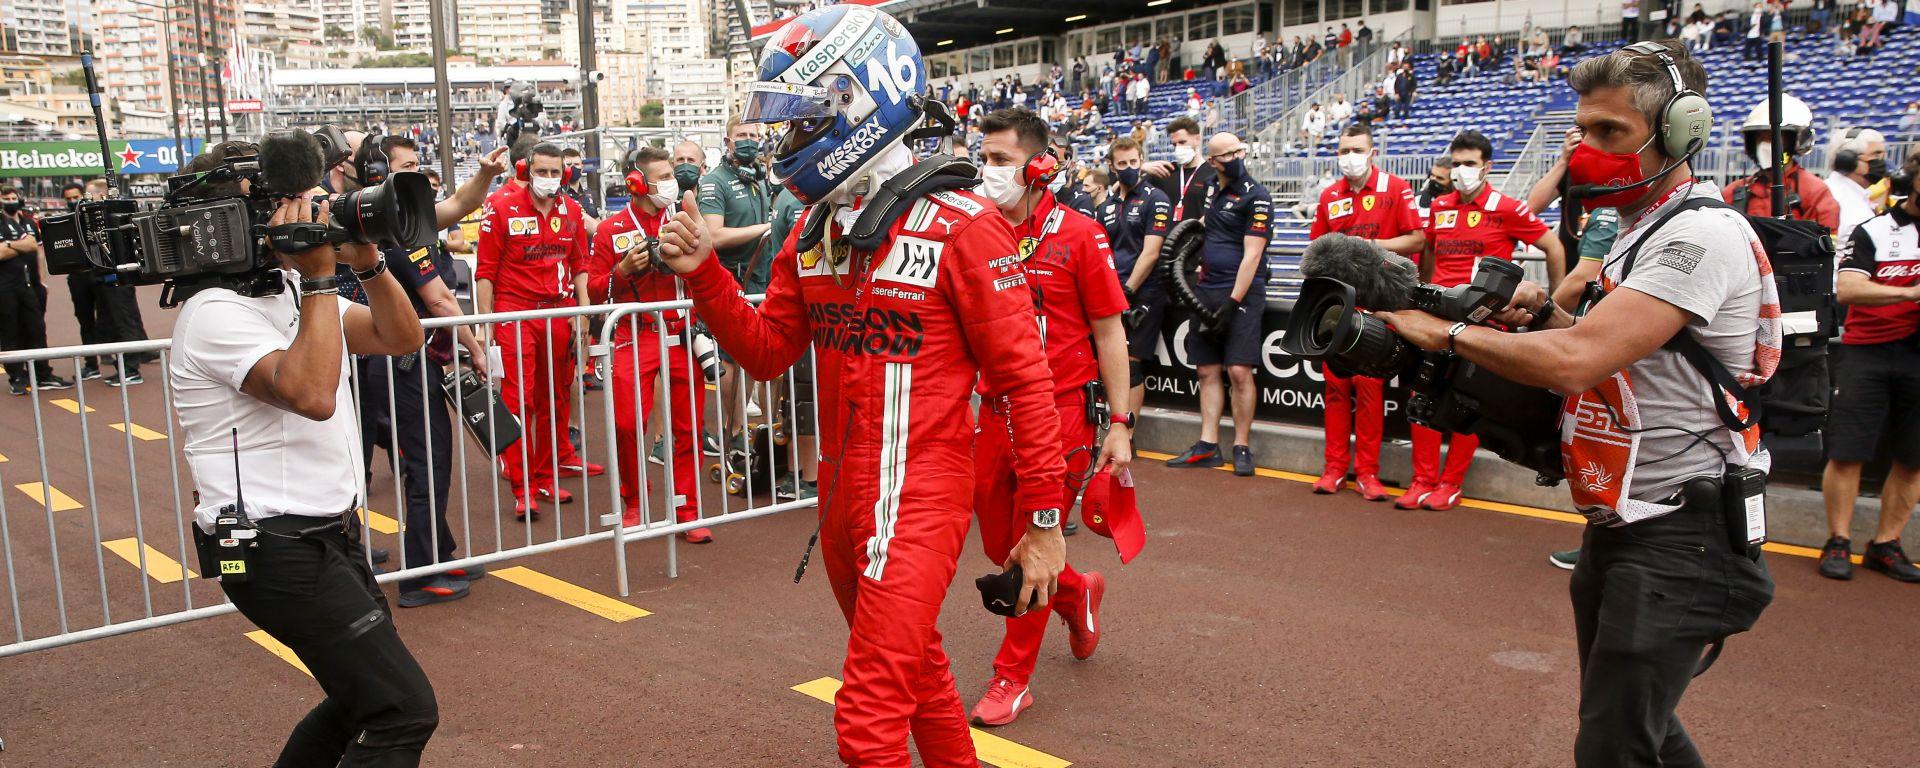 F1 GP Monaco 2021, Monte Carlo: Charles Leclerc (Scuderia Ferrari) esulta dopo la pole position